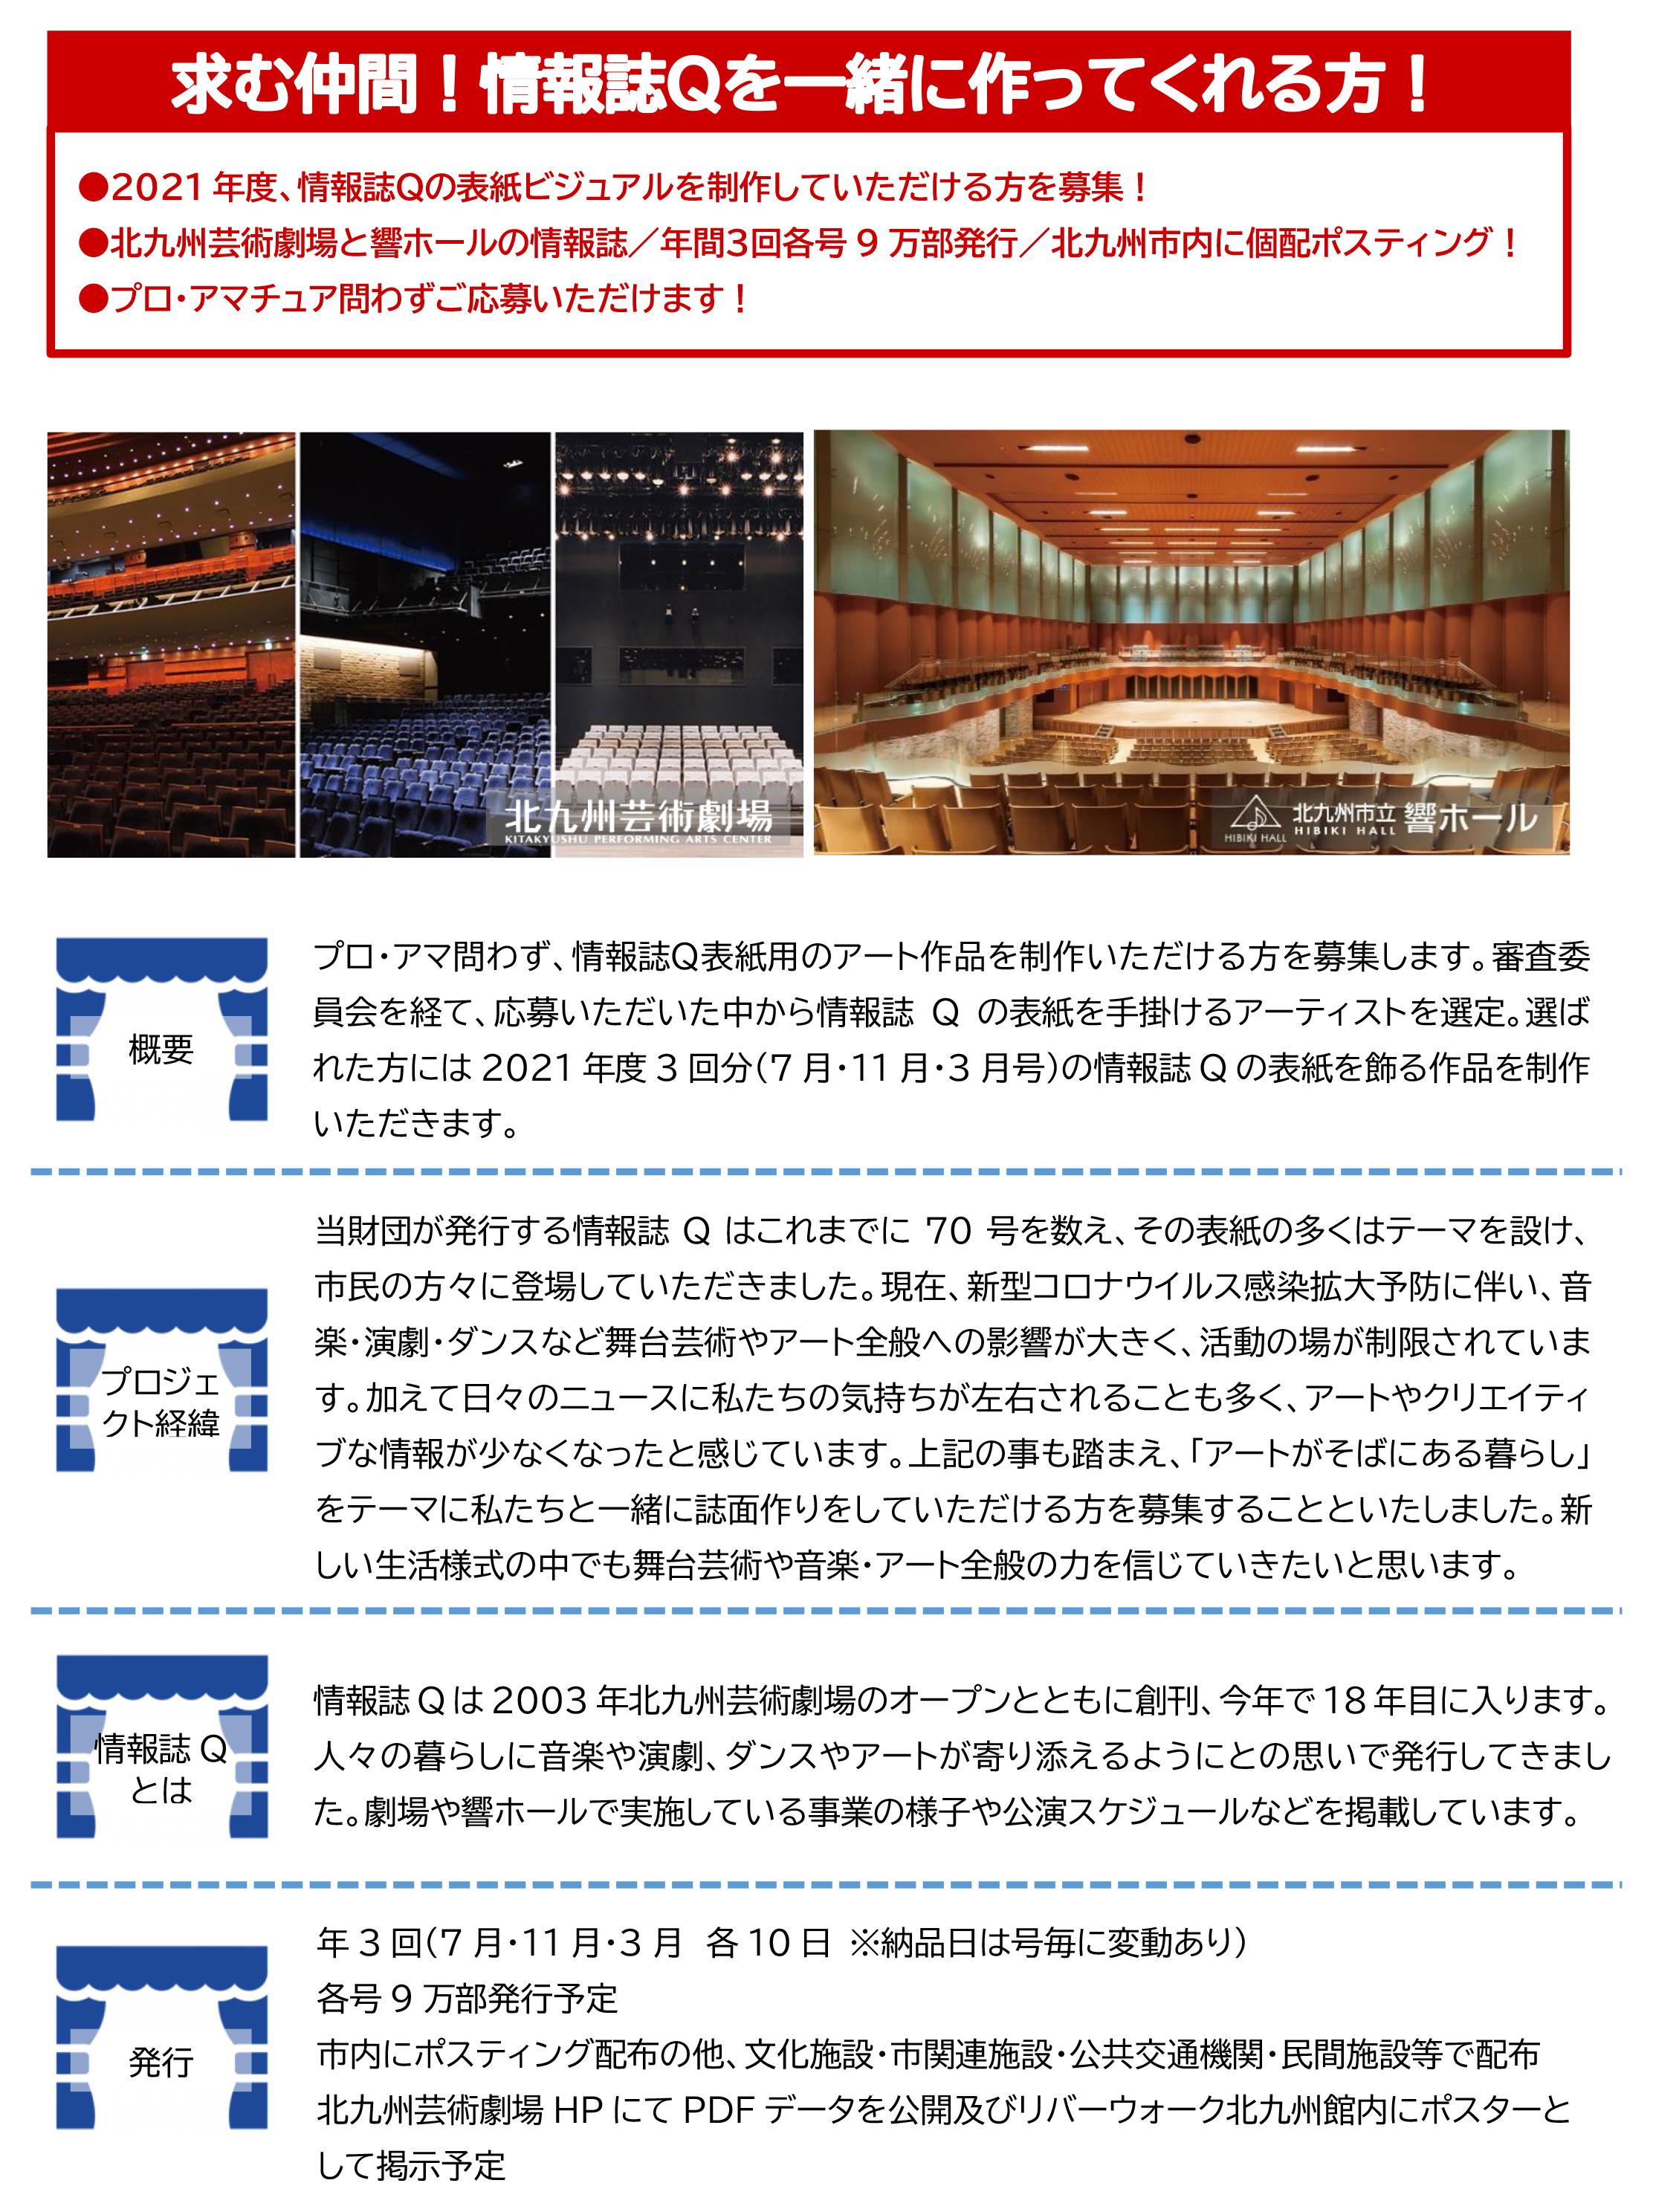 Q表紙AT募集HP用★-1.jpg